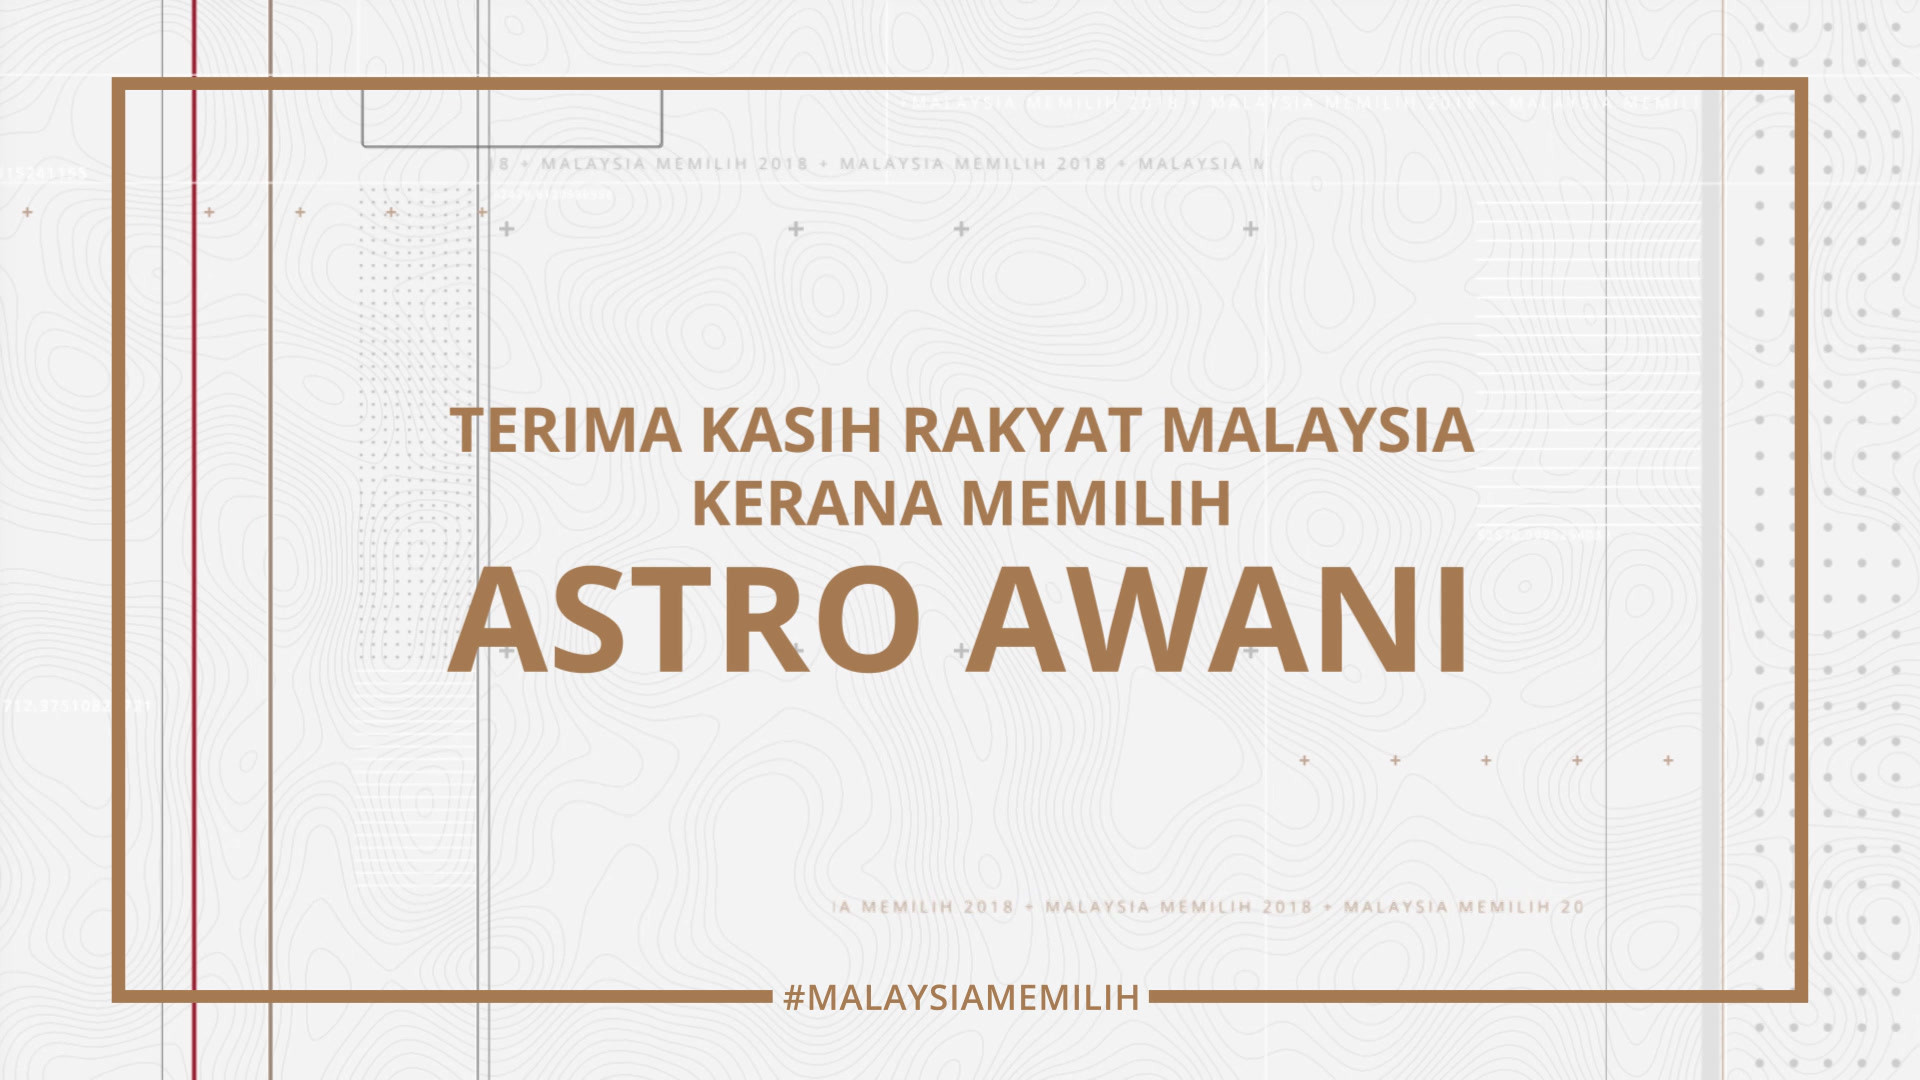 #MalaysiaMemilih